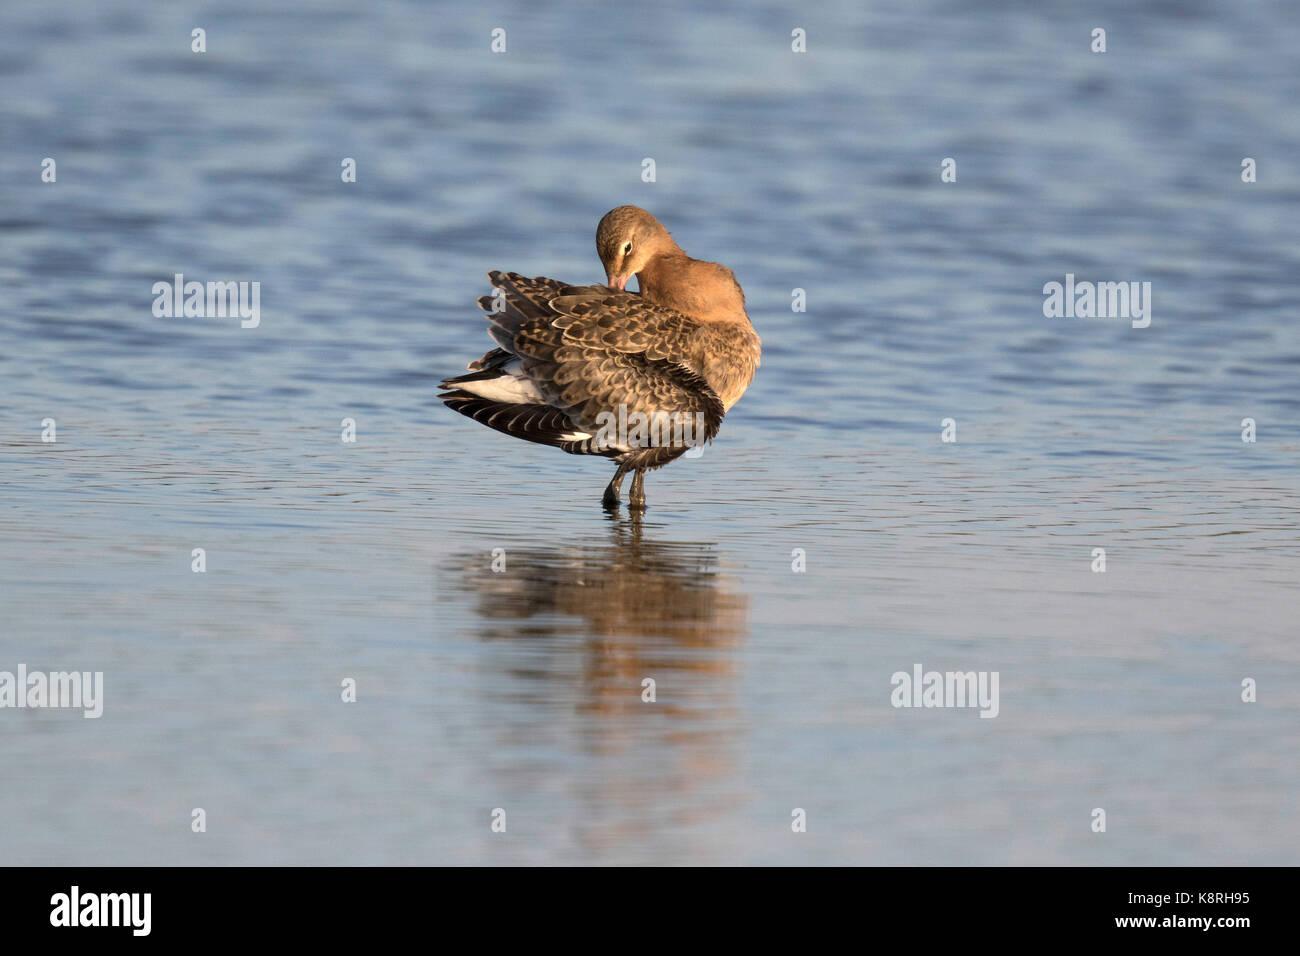 Juvenile Black tailed Godwit Icelandic race. - Stock Image